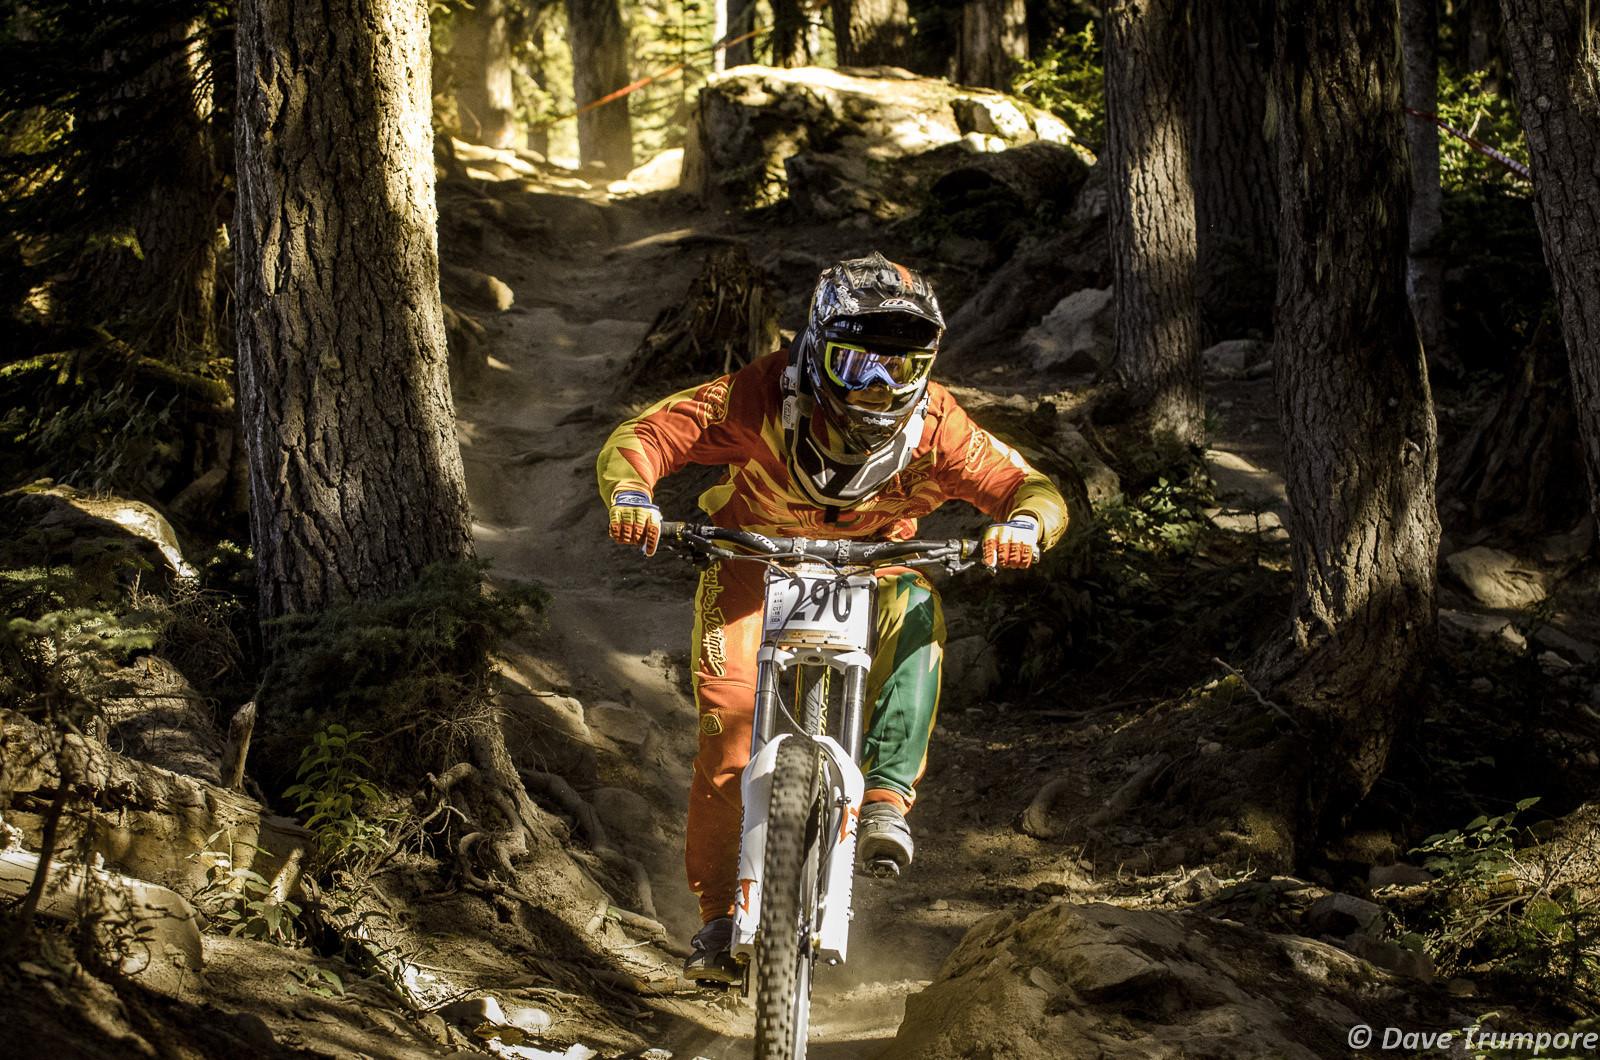 Jamie Hill at Crankworx Garbanzo DH - Crankworx Whistler Garbanzo DH - Mountain Biking Pictures - Vital MTB